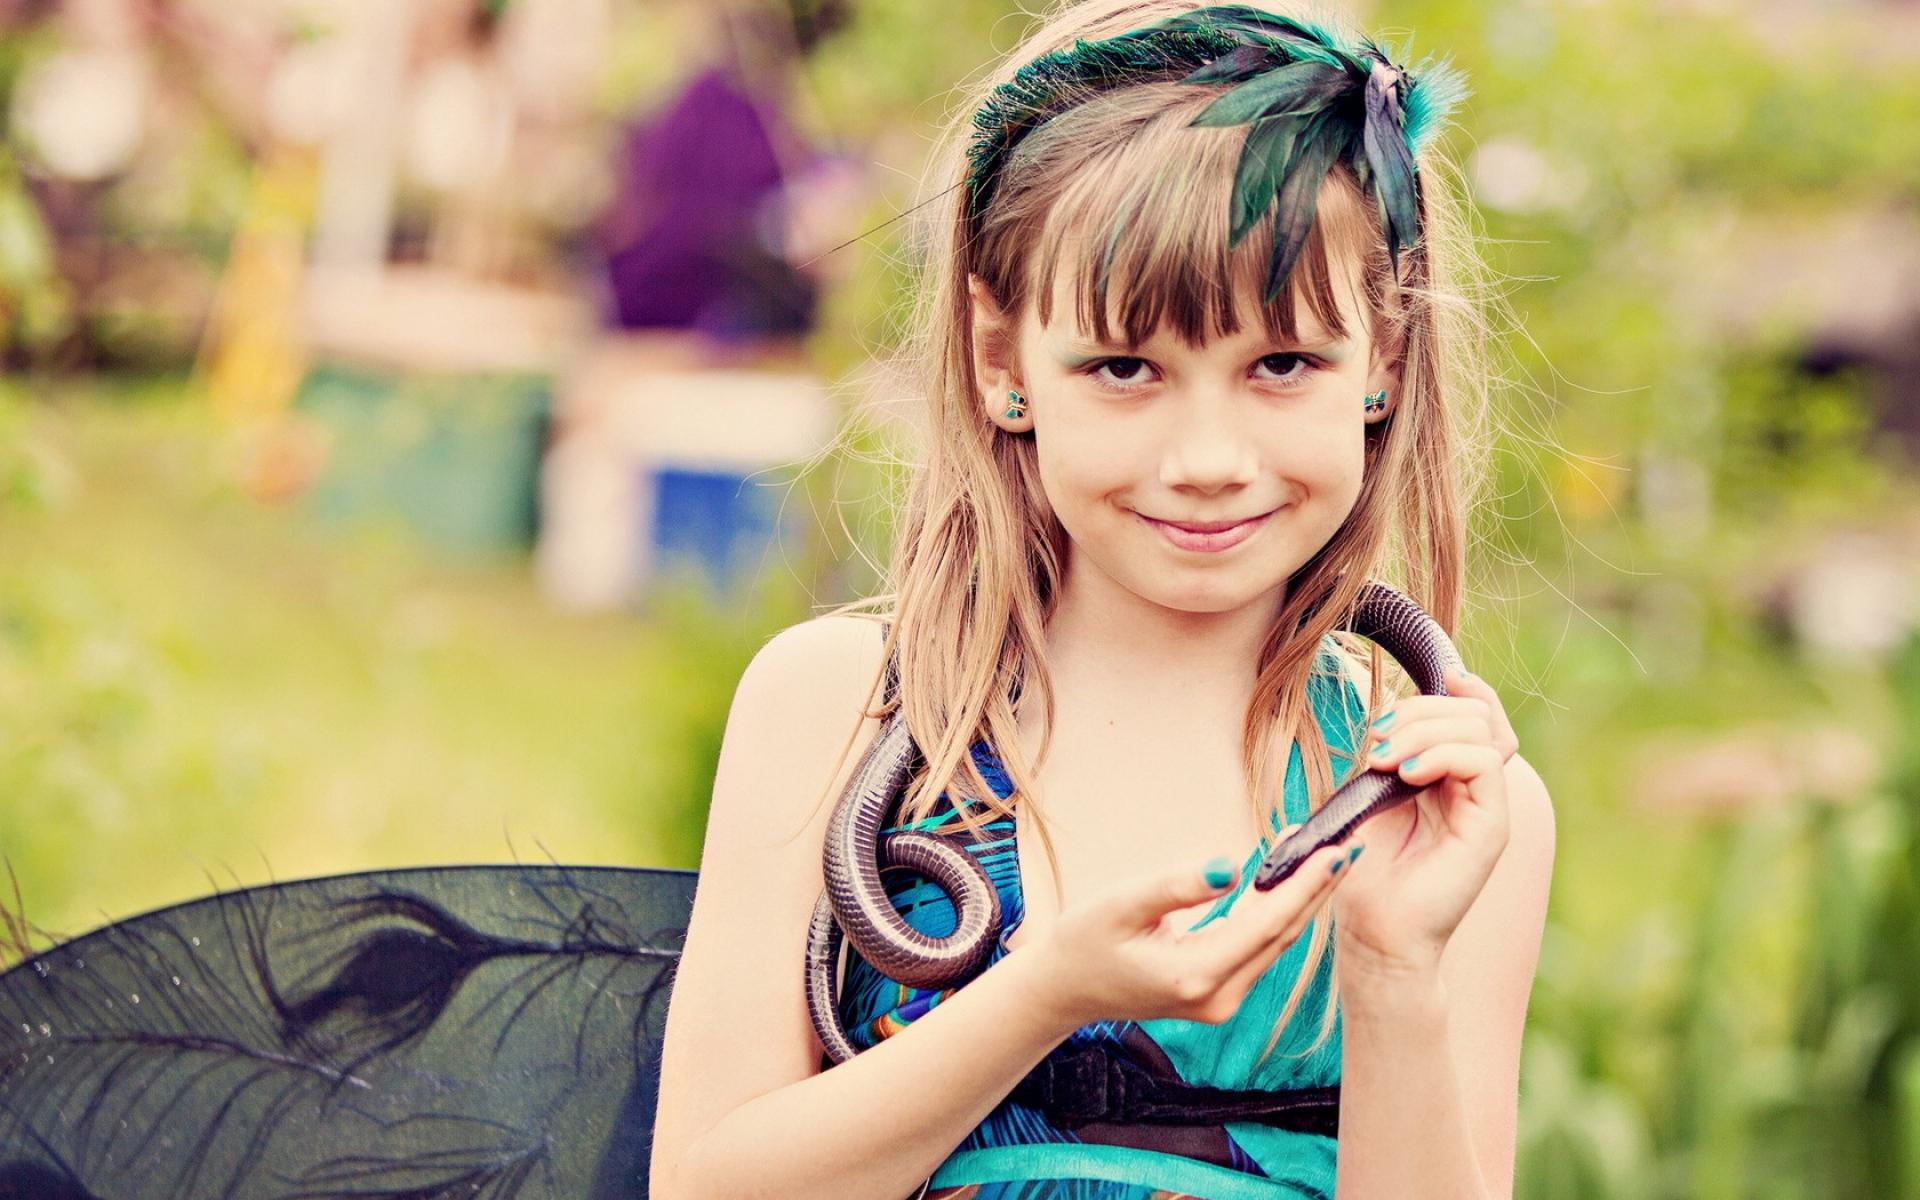 Картинки Девушка, змея, модель, фотосессия фото и обои на рабочий стол